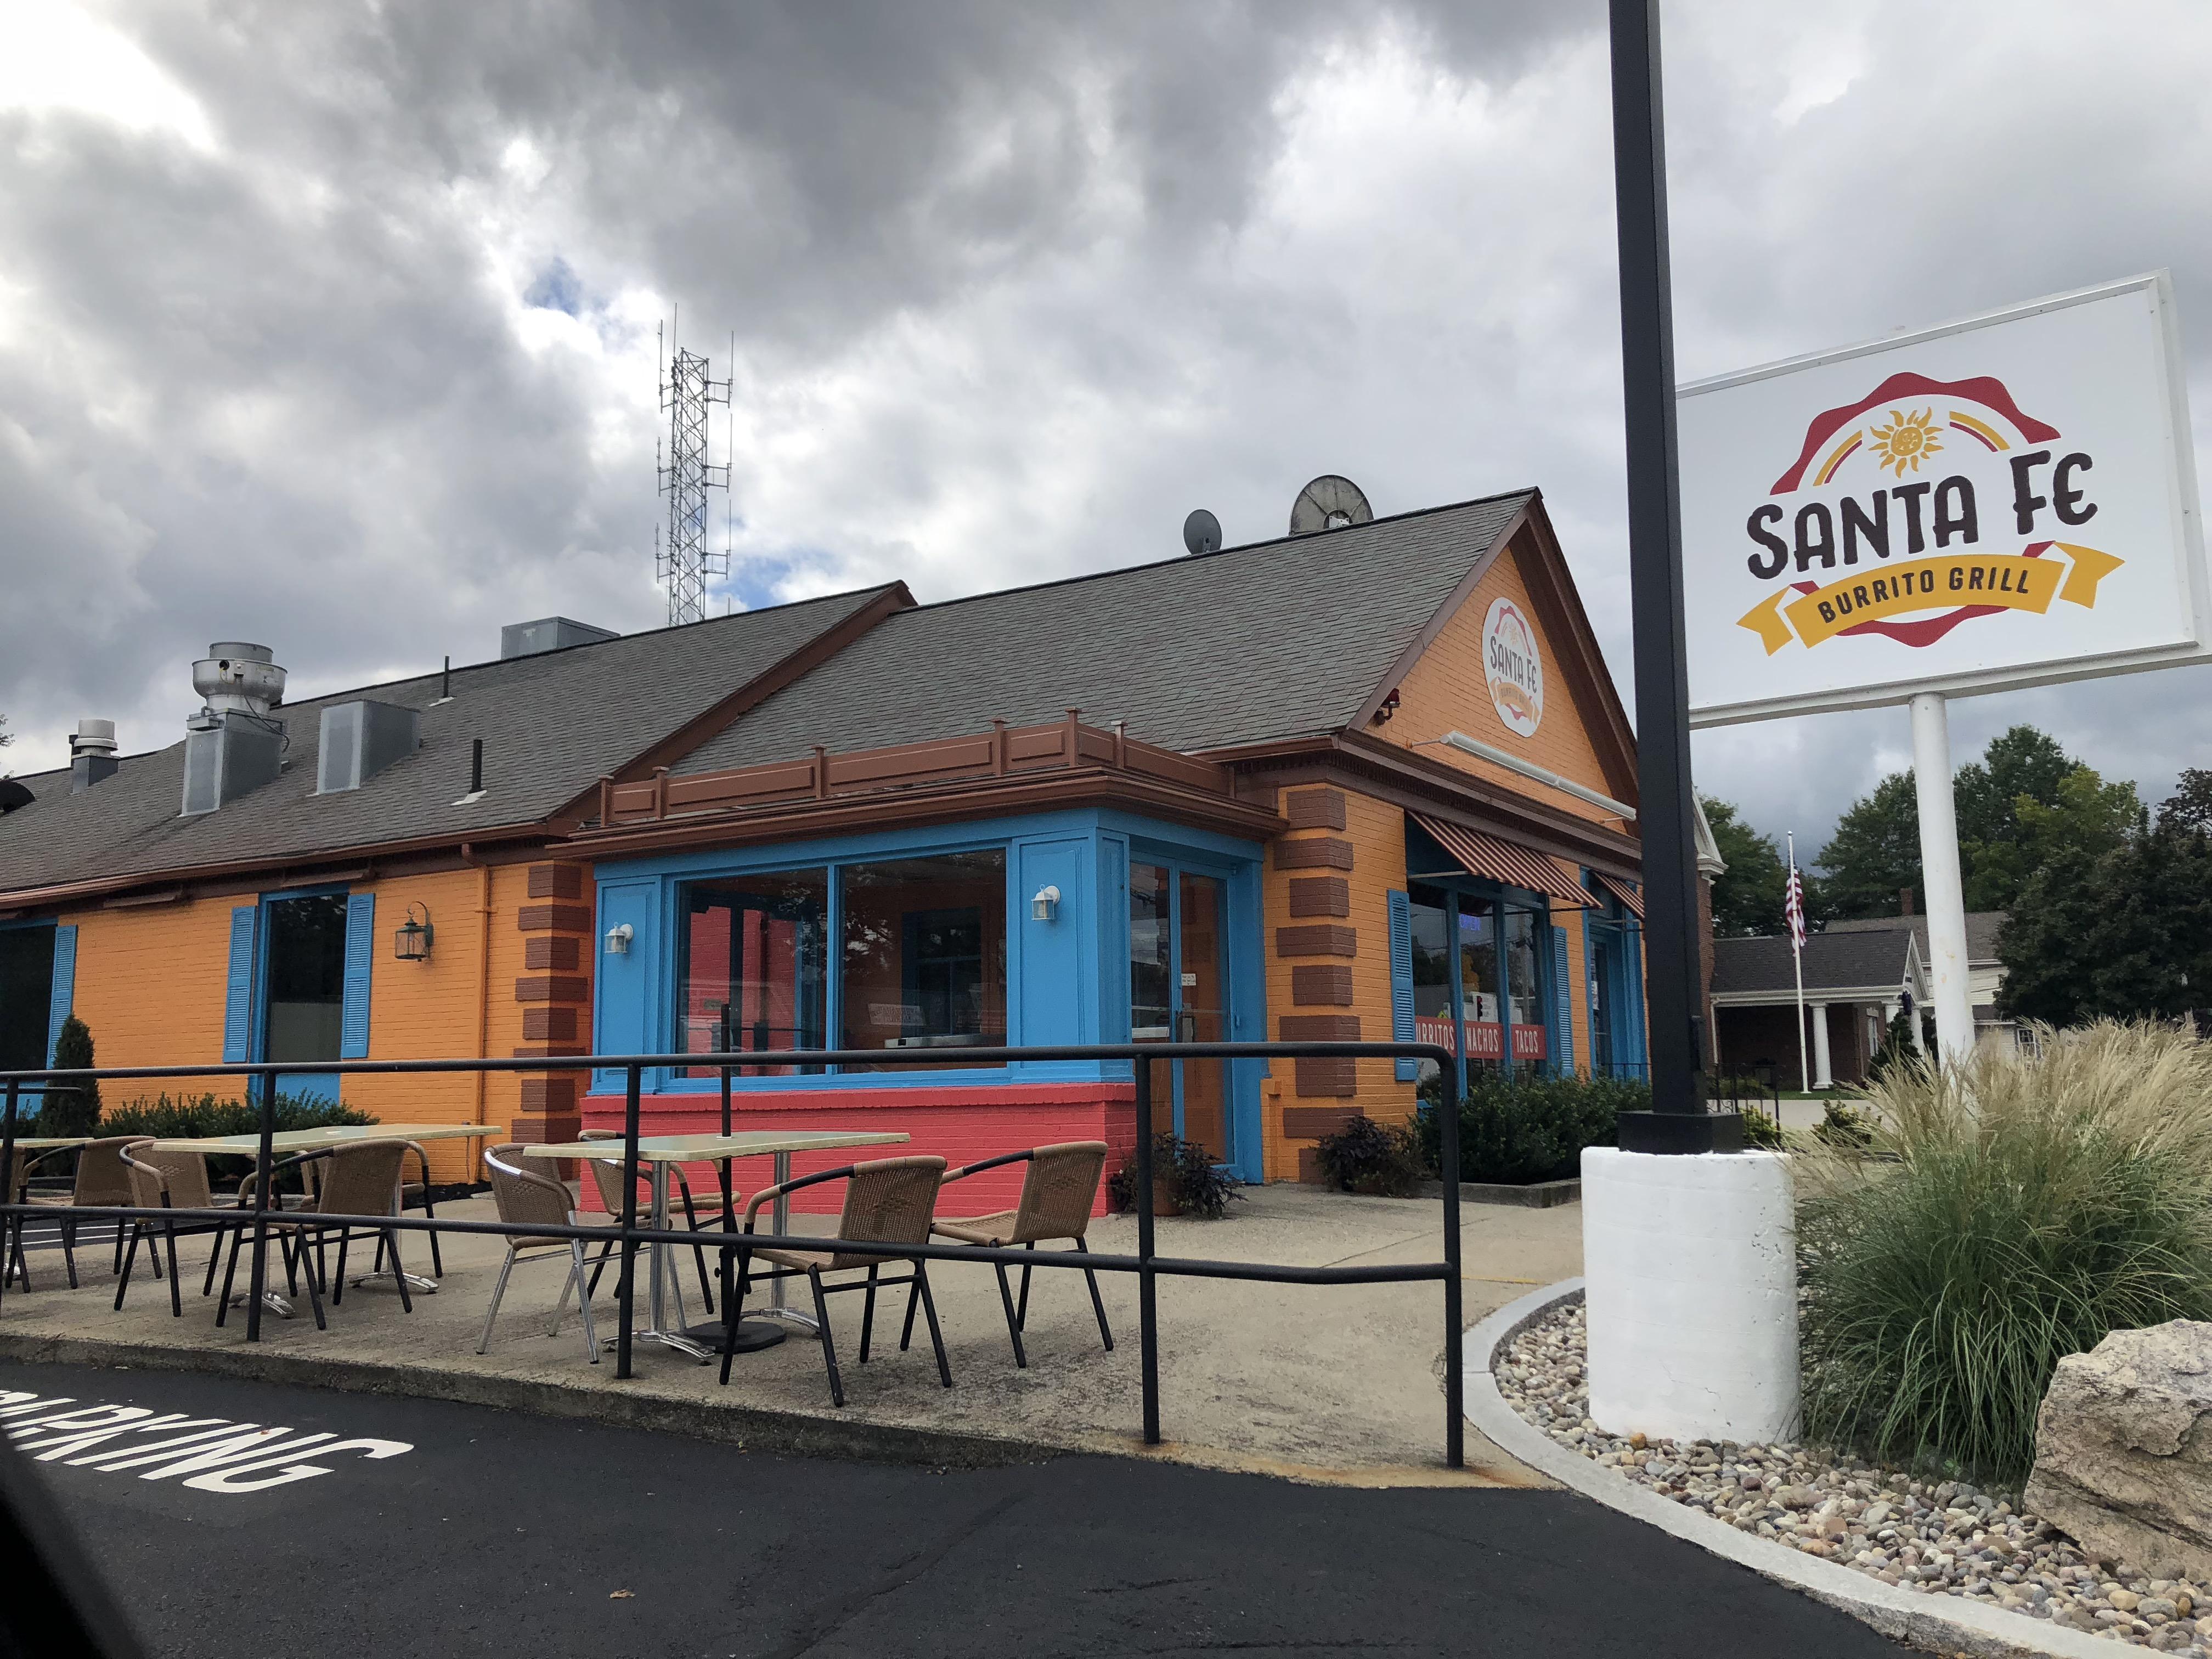 Franklin MA Santa Fe Burrito Grill